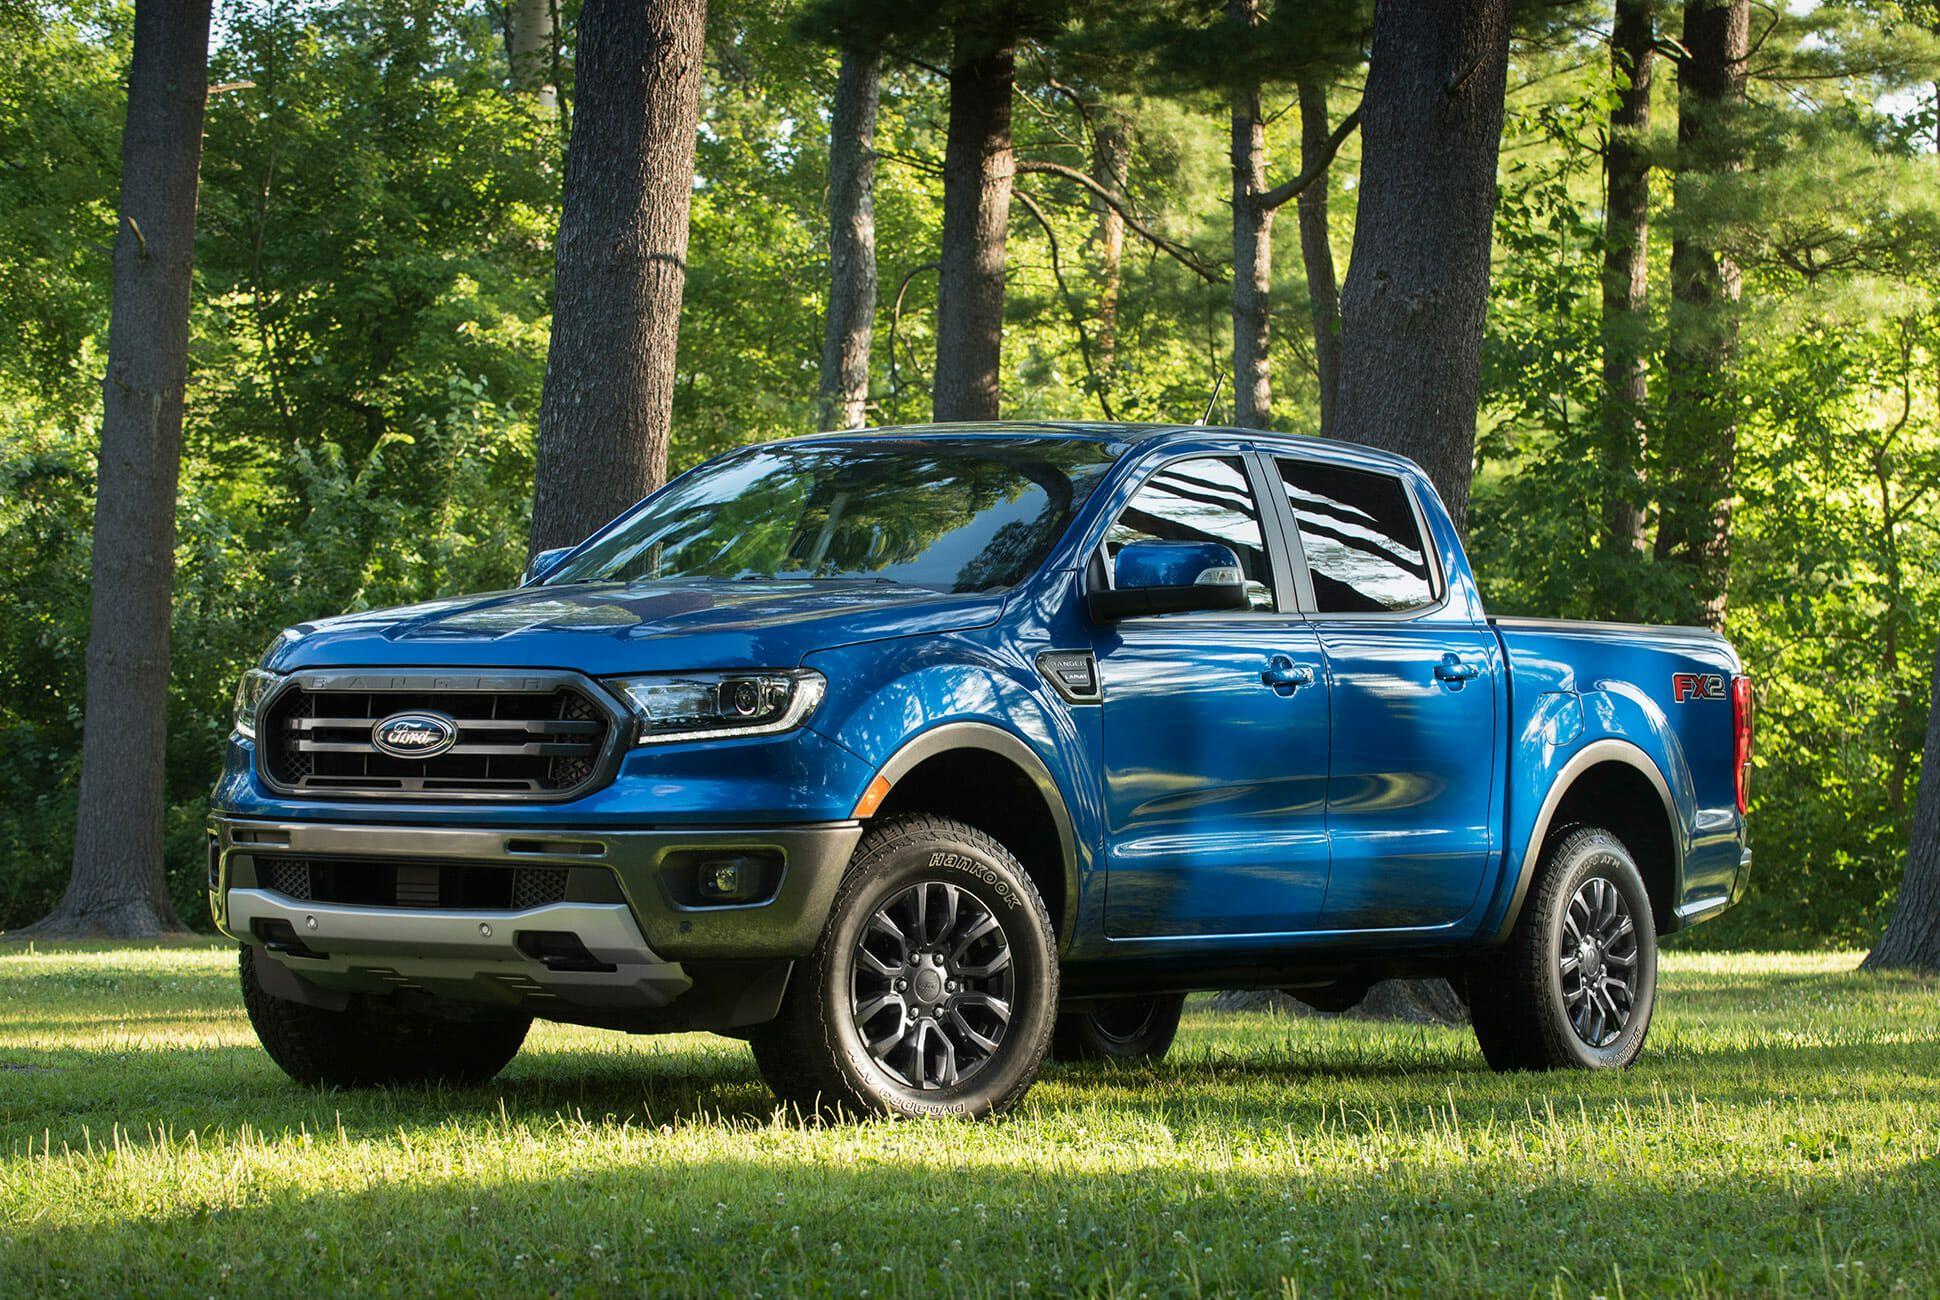 Ford-Ranger-FX2-gear-patrol-slide-1